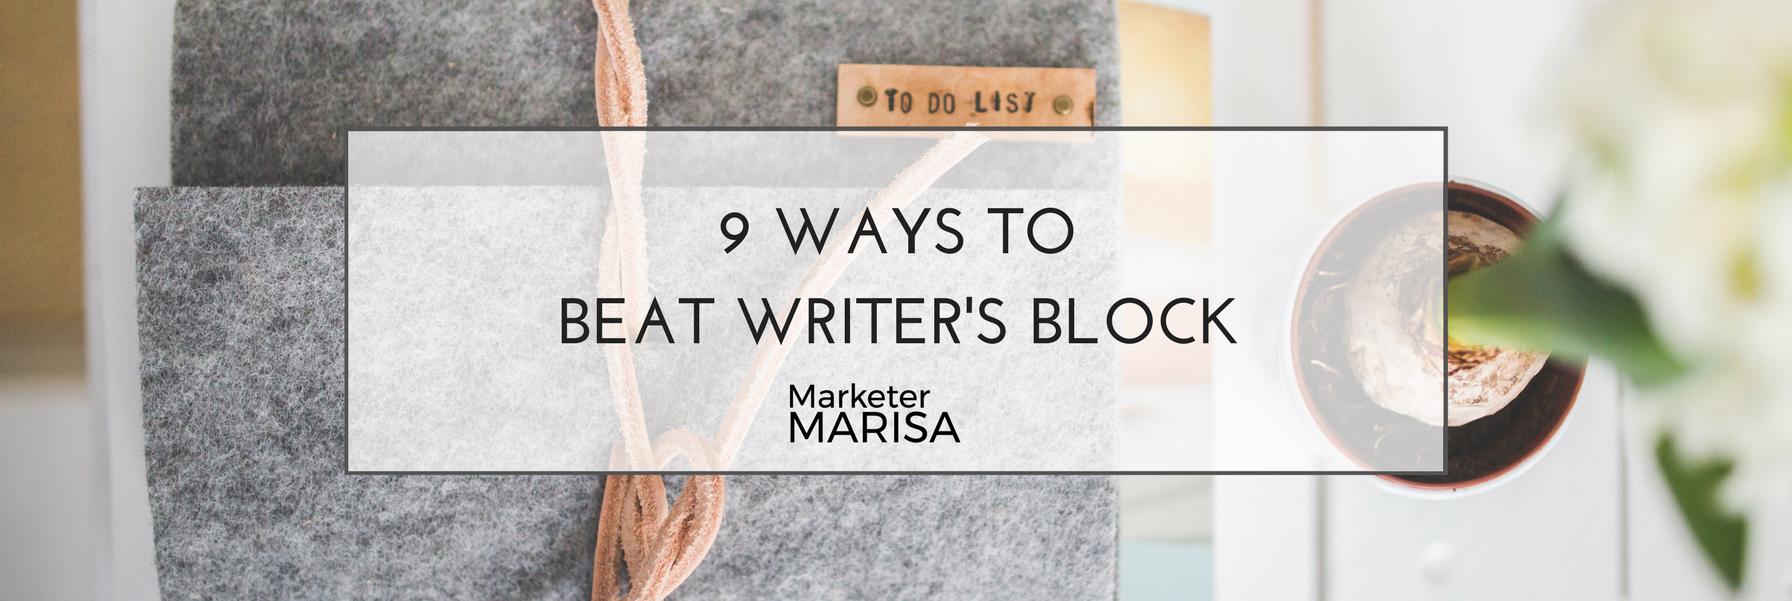 9 Ways to Beat Writer's Block marisa lather (1).png